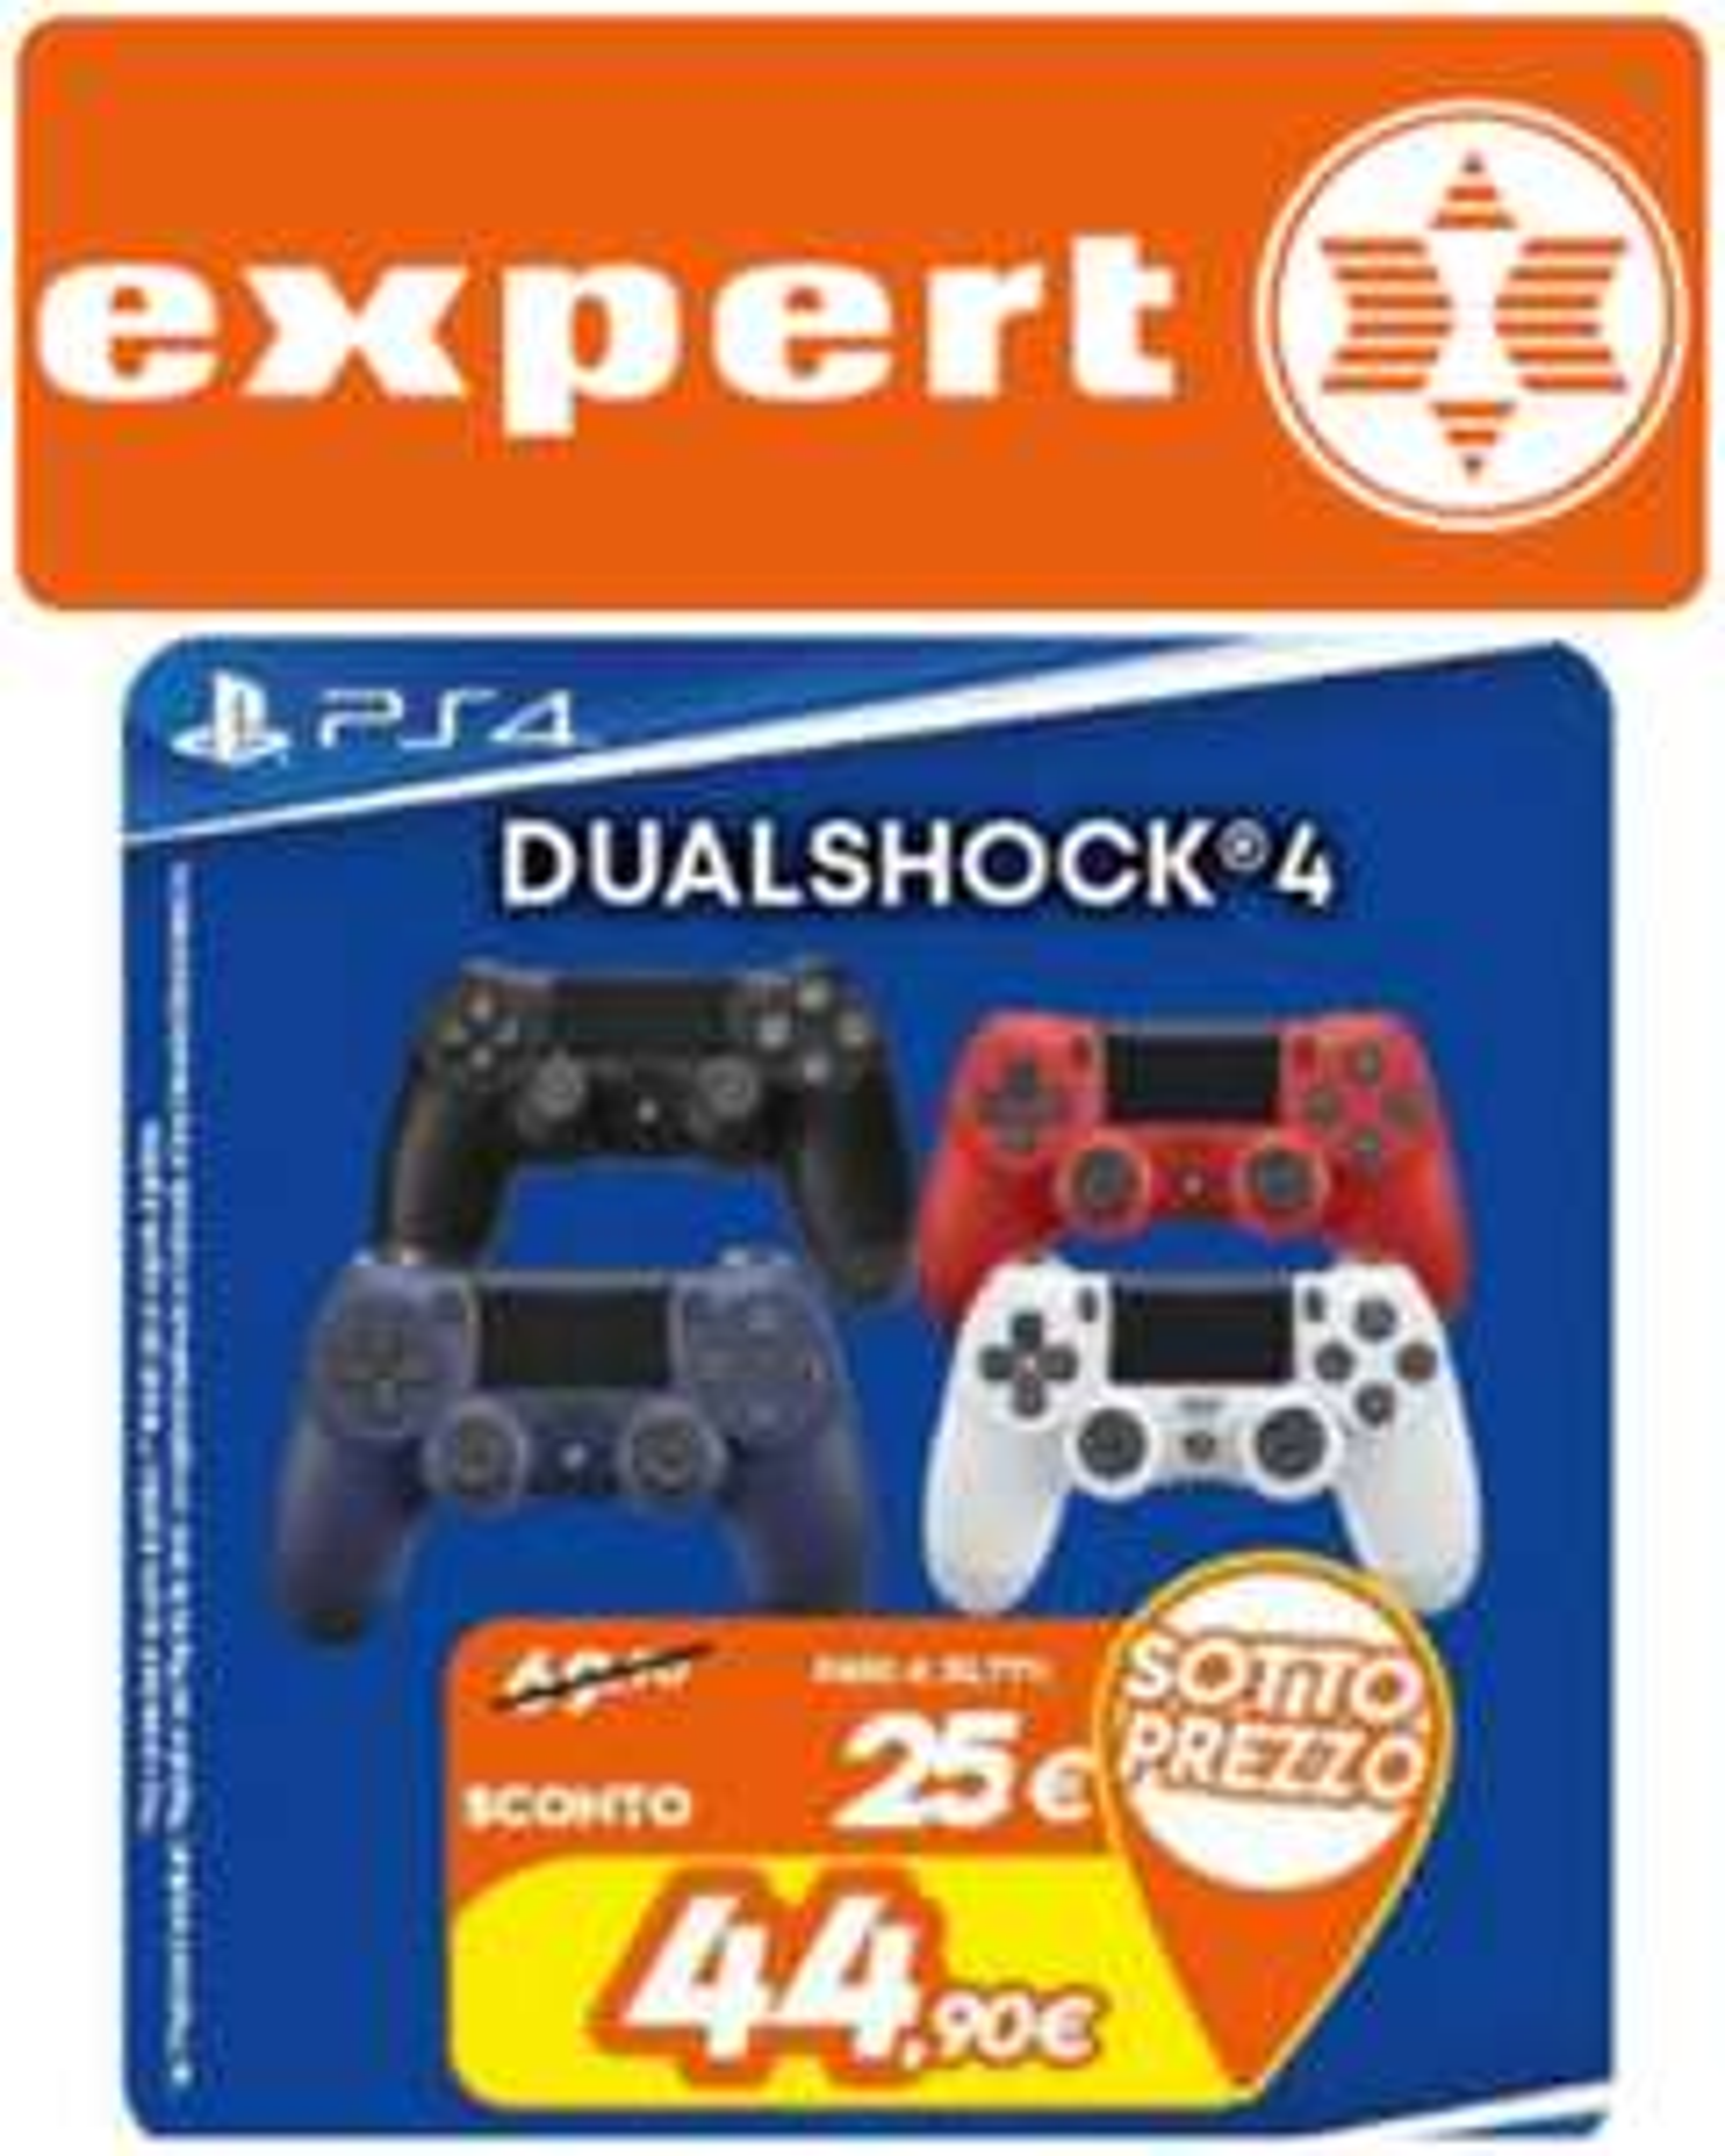 Expert: DualShock PlayStation 4 - Vari Colori